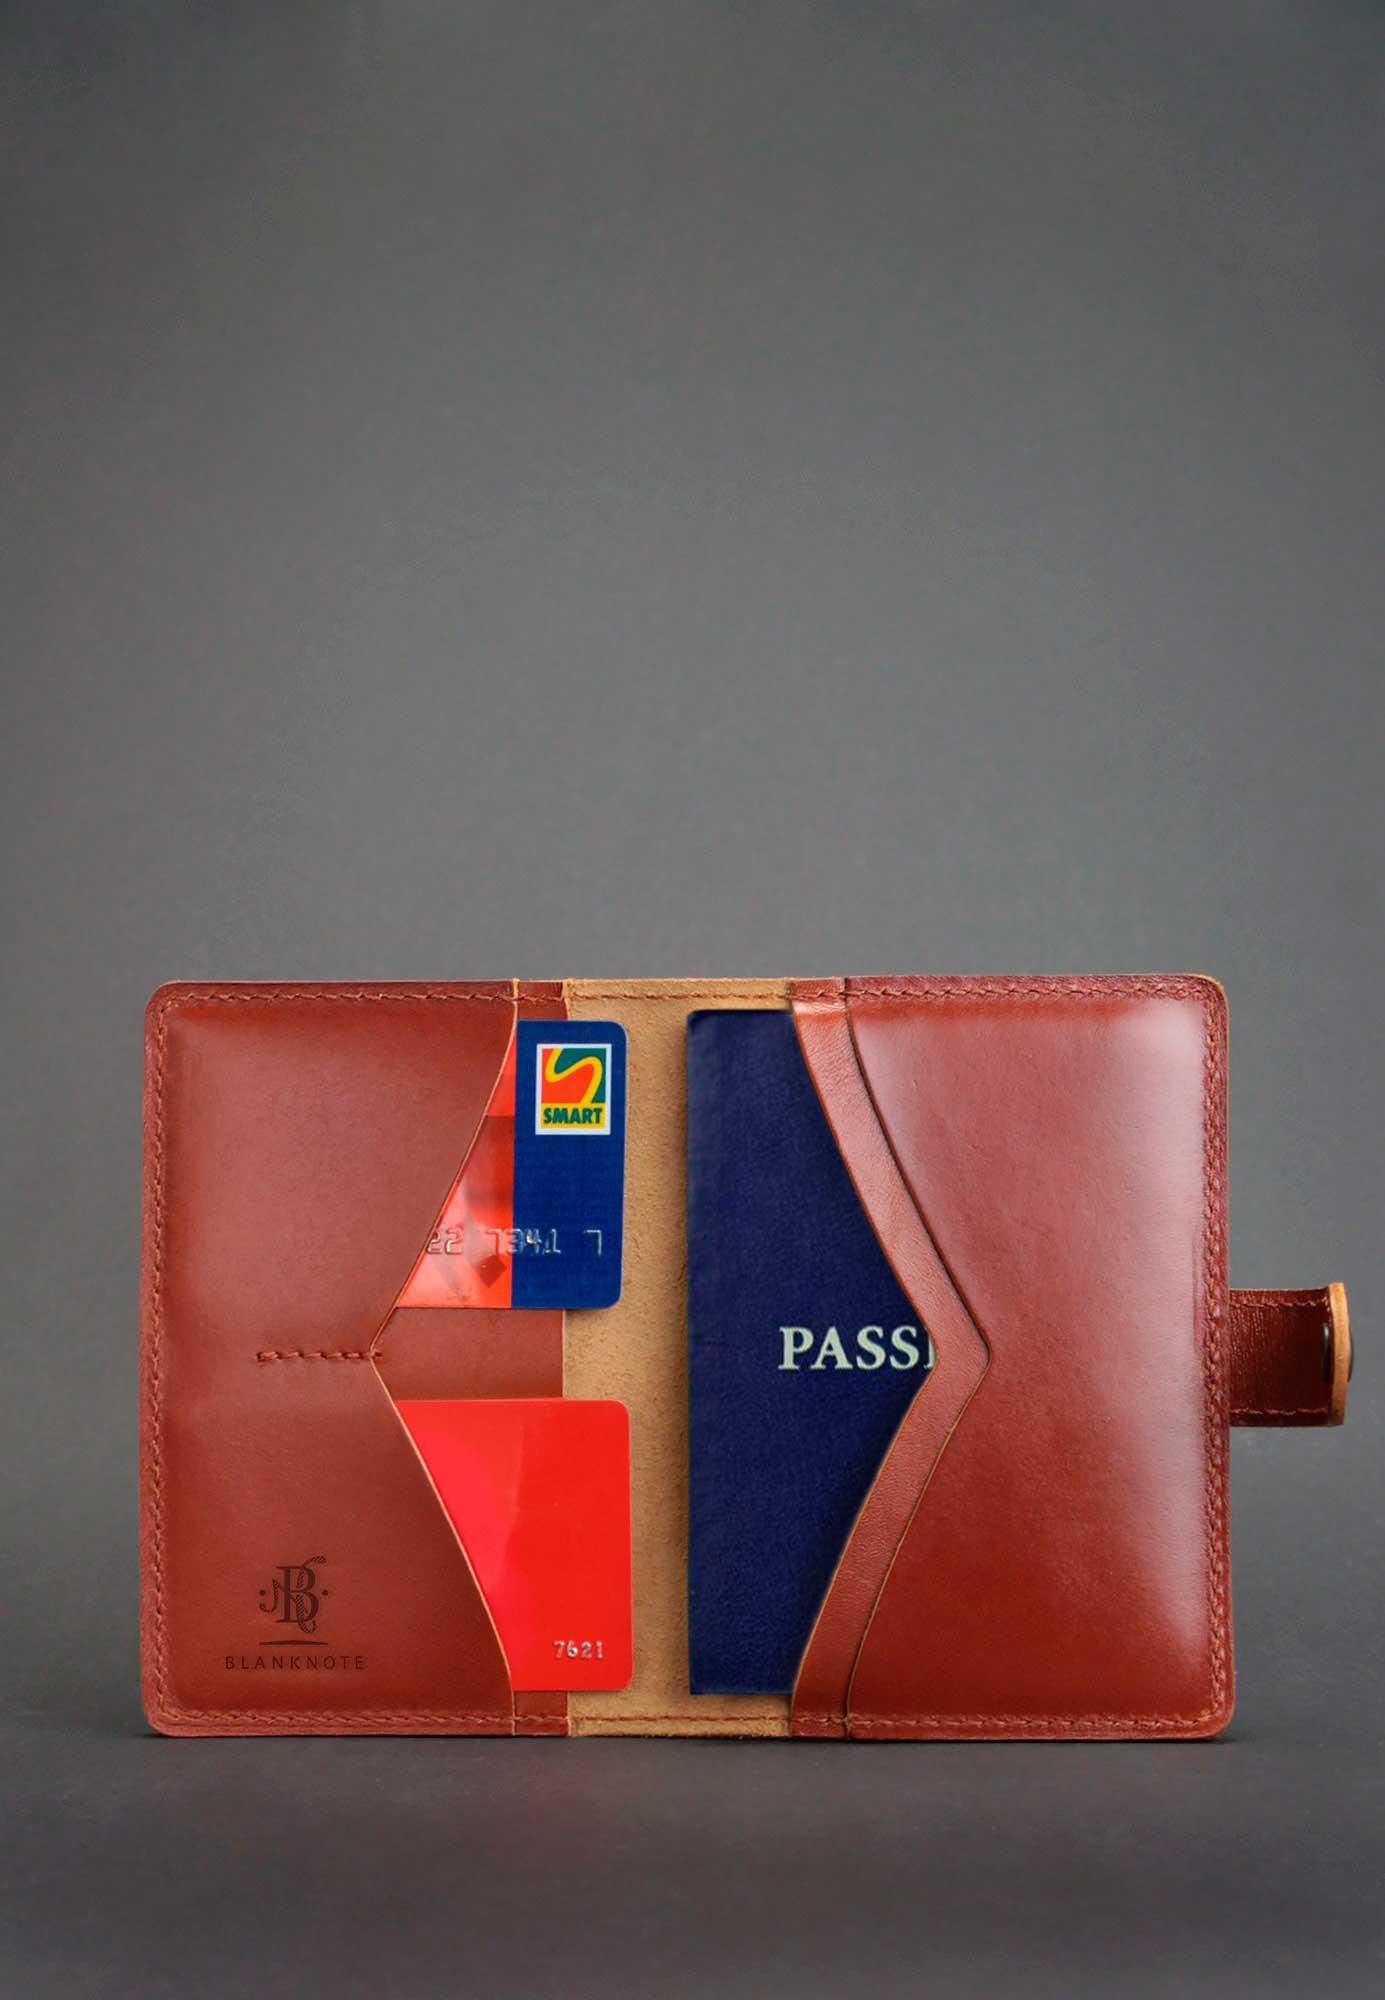 Обложка для паспорта 3.0 коньяк (кожа) Фото 4